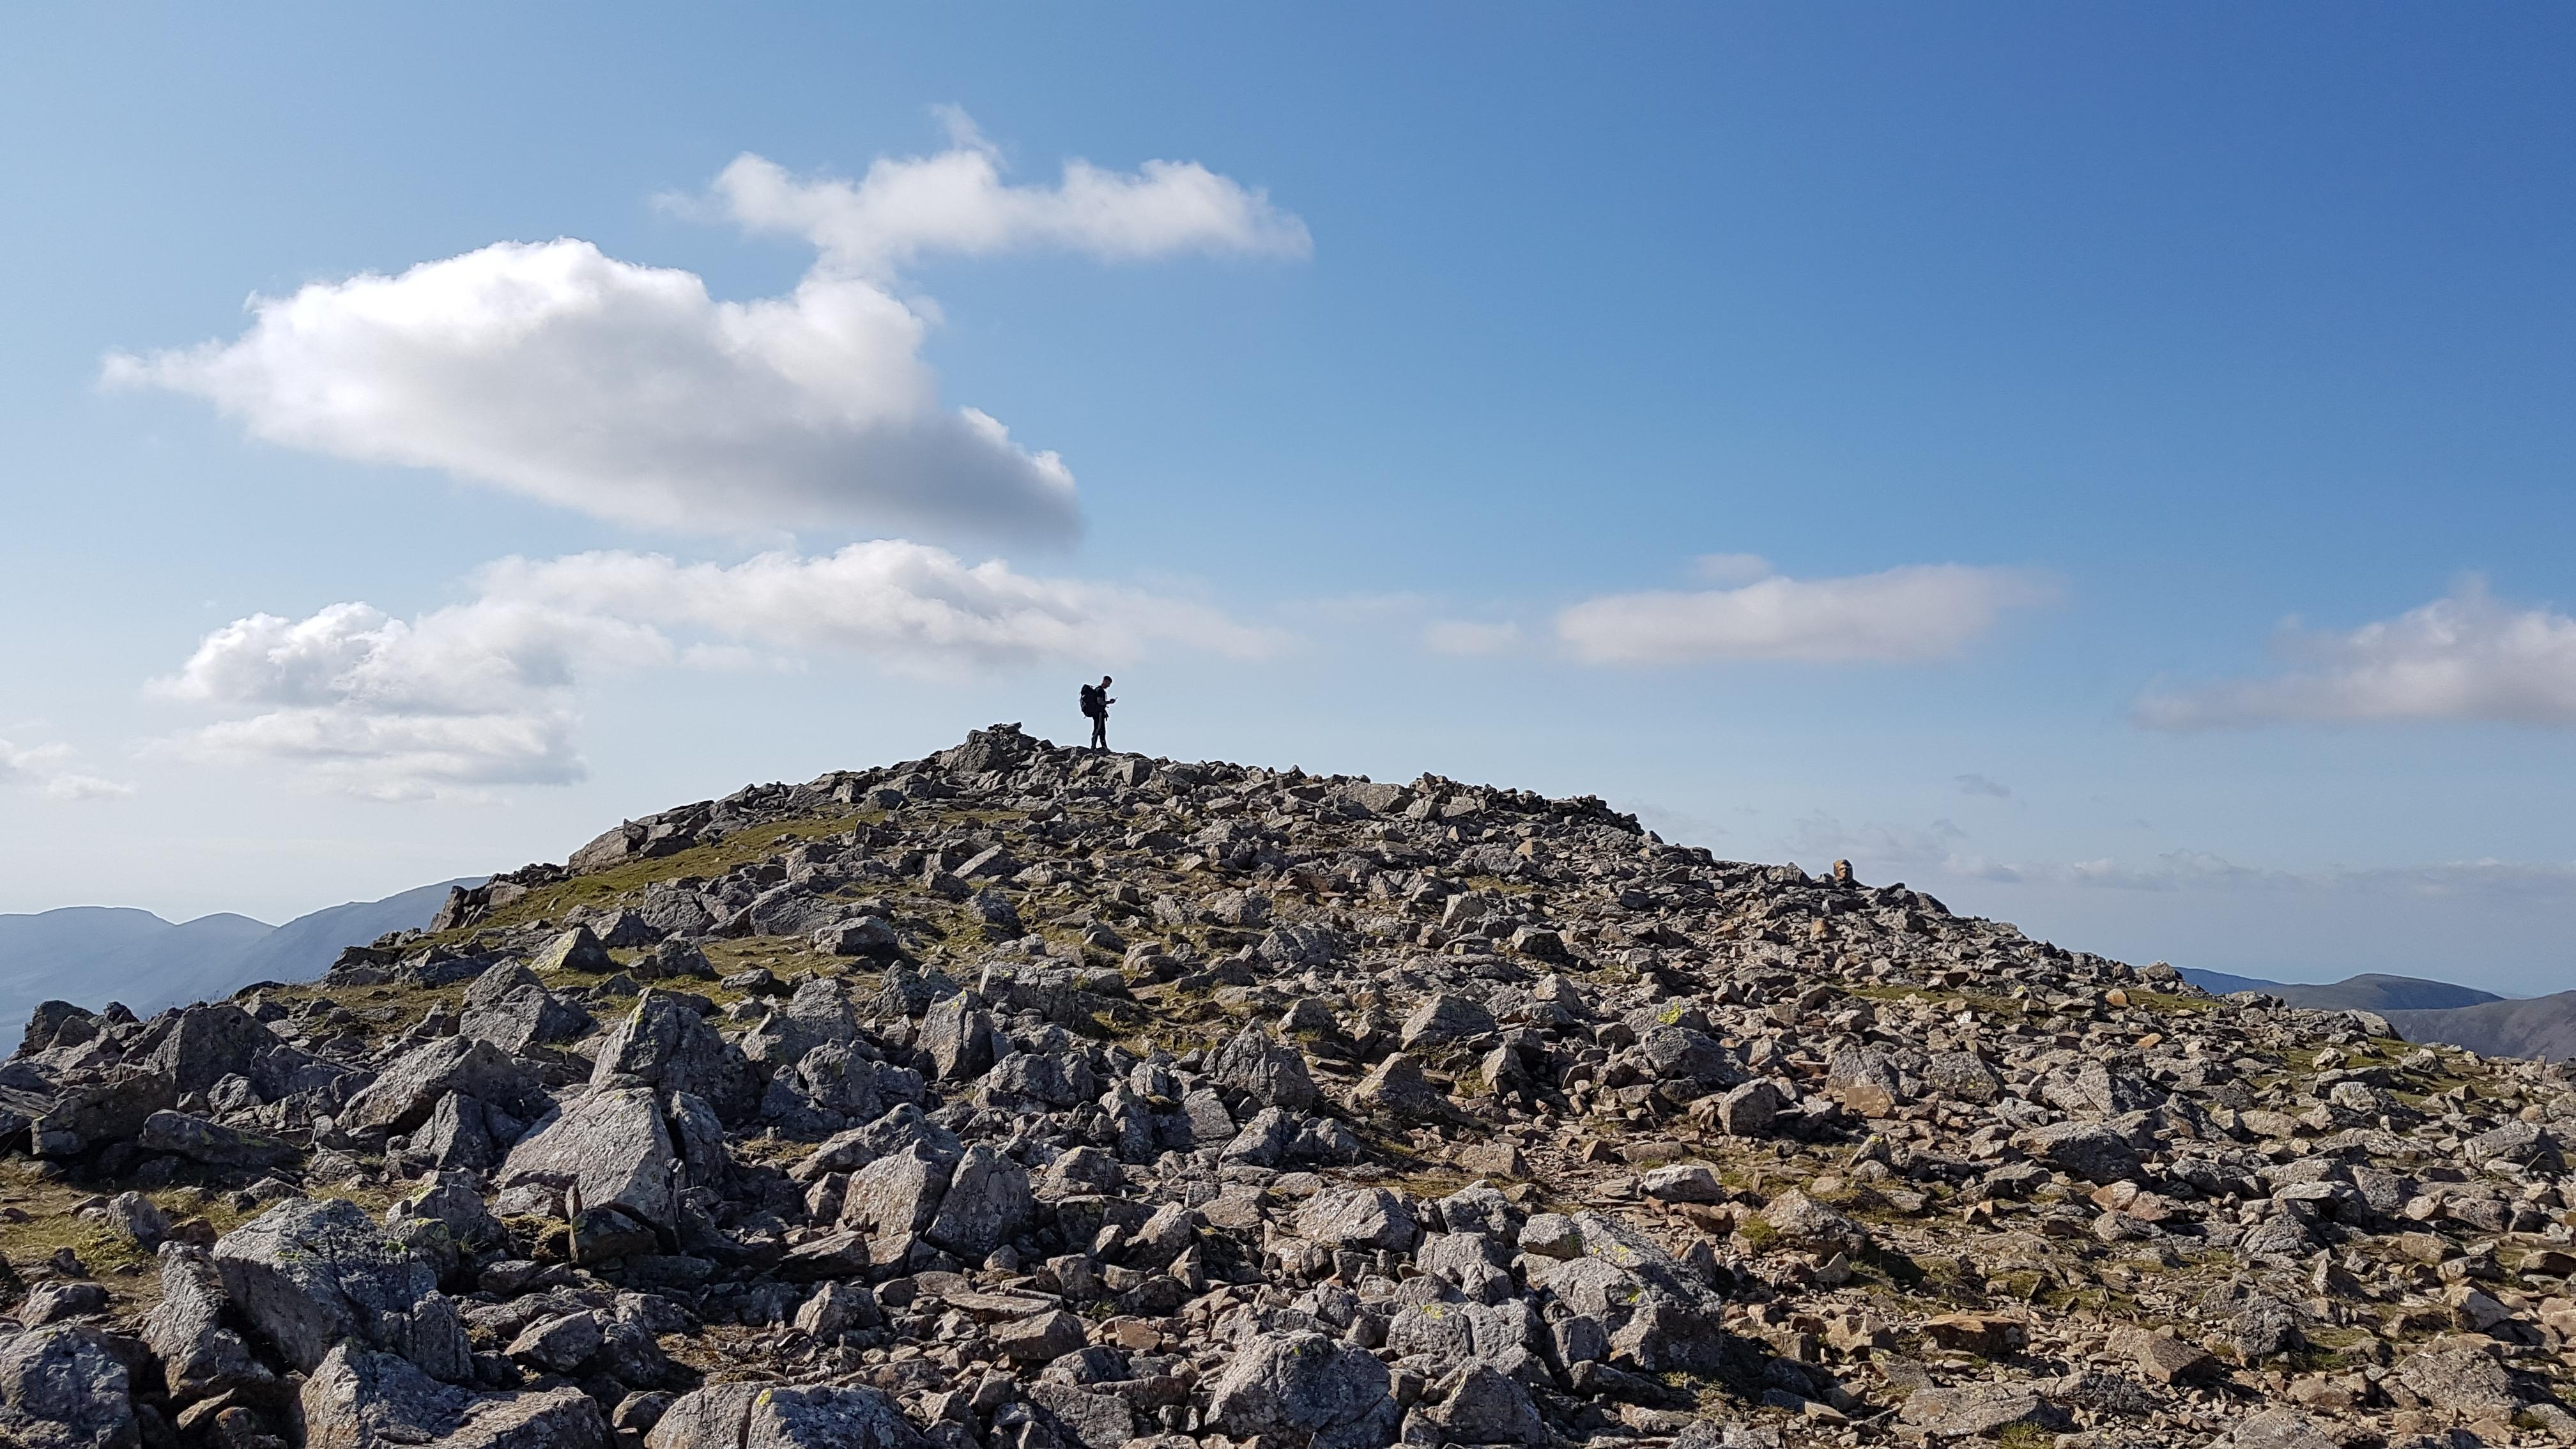 Wainwrights, Lake District, Walking, Guided Walk, Hiking, Trekking